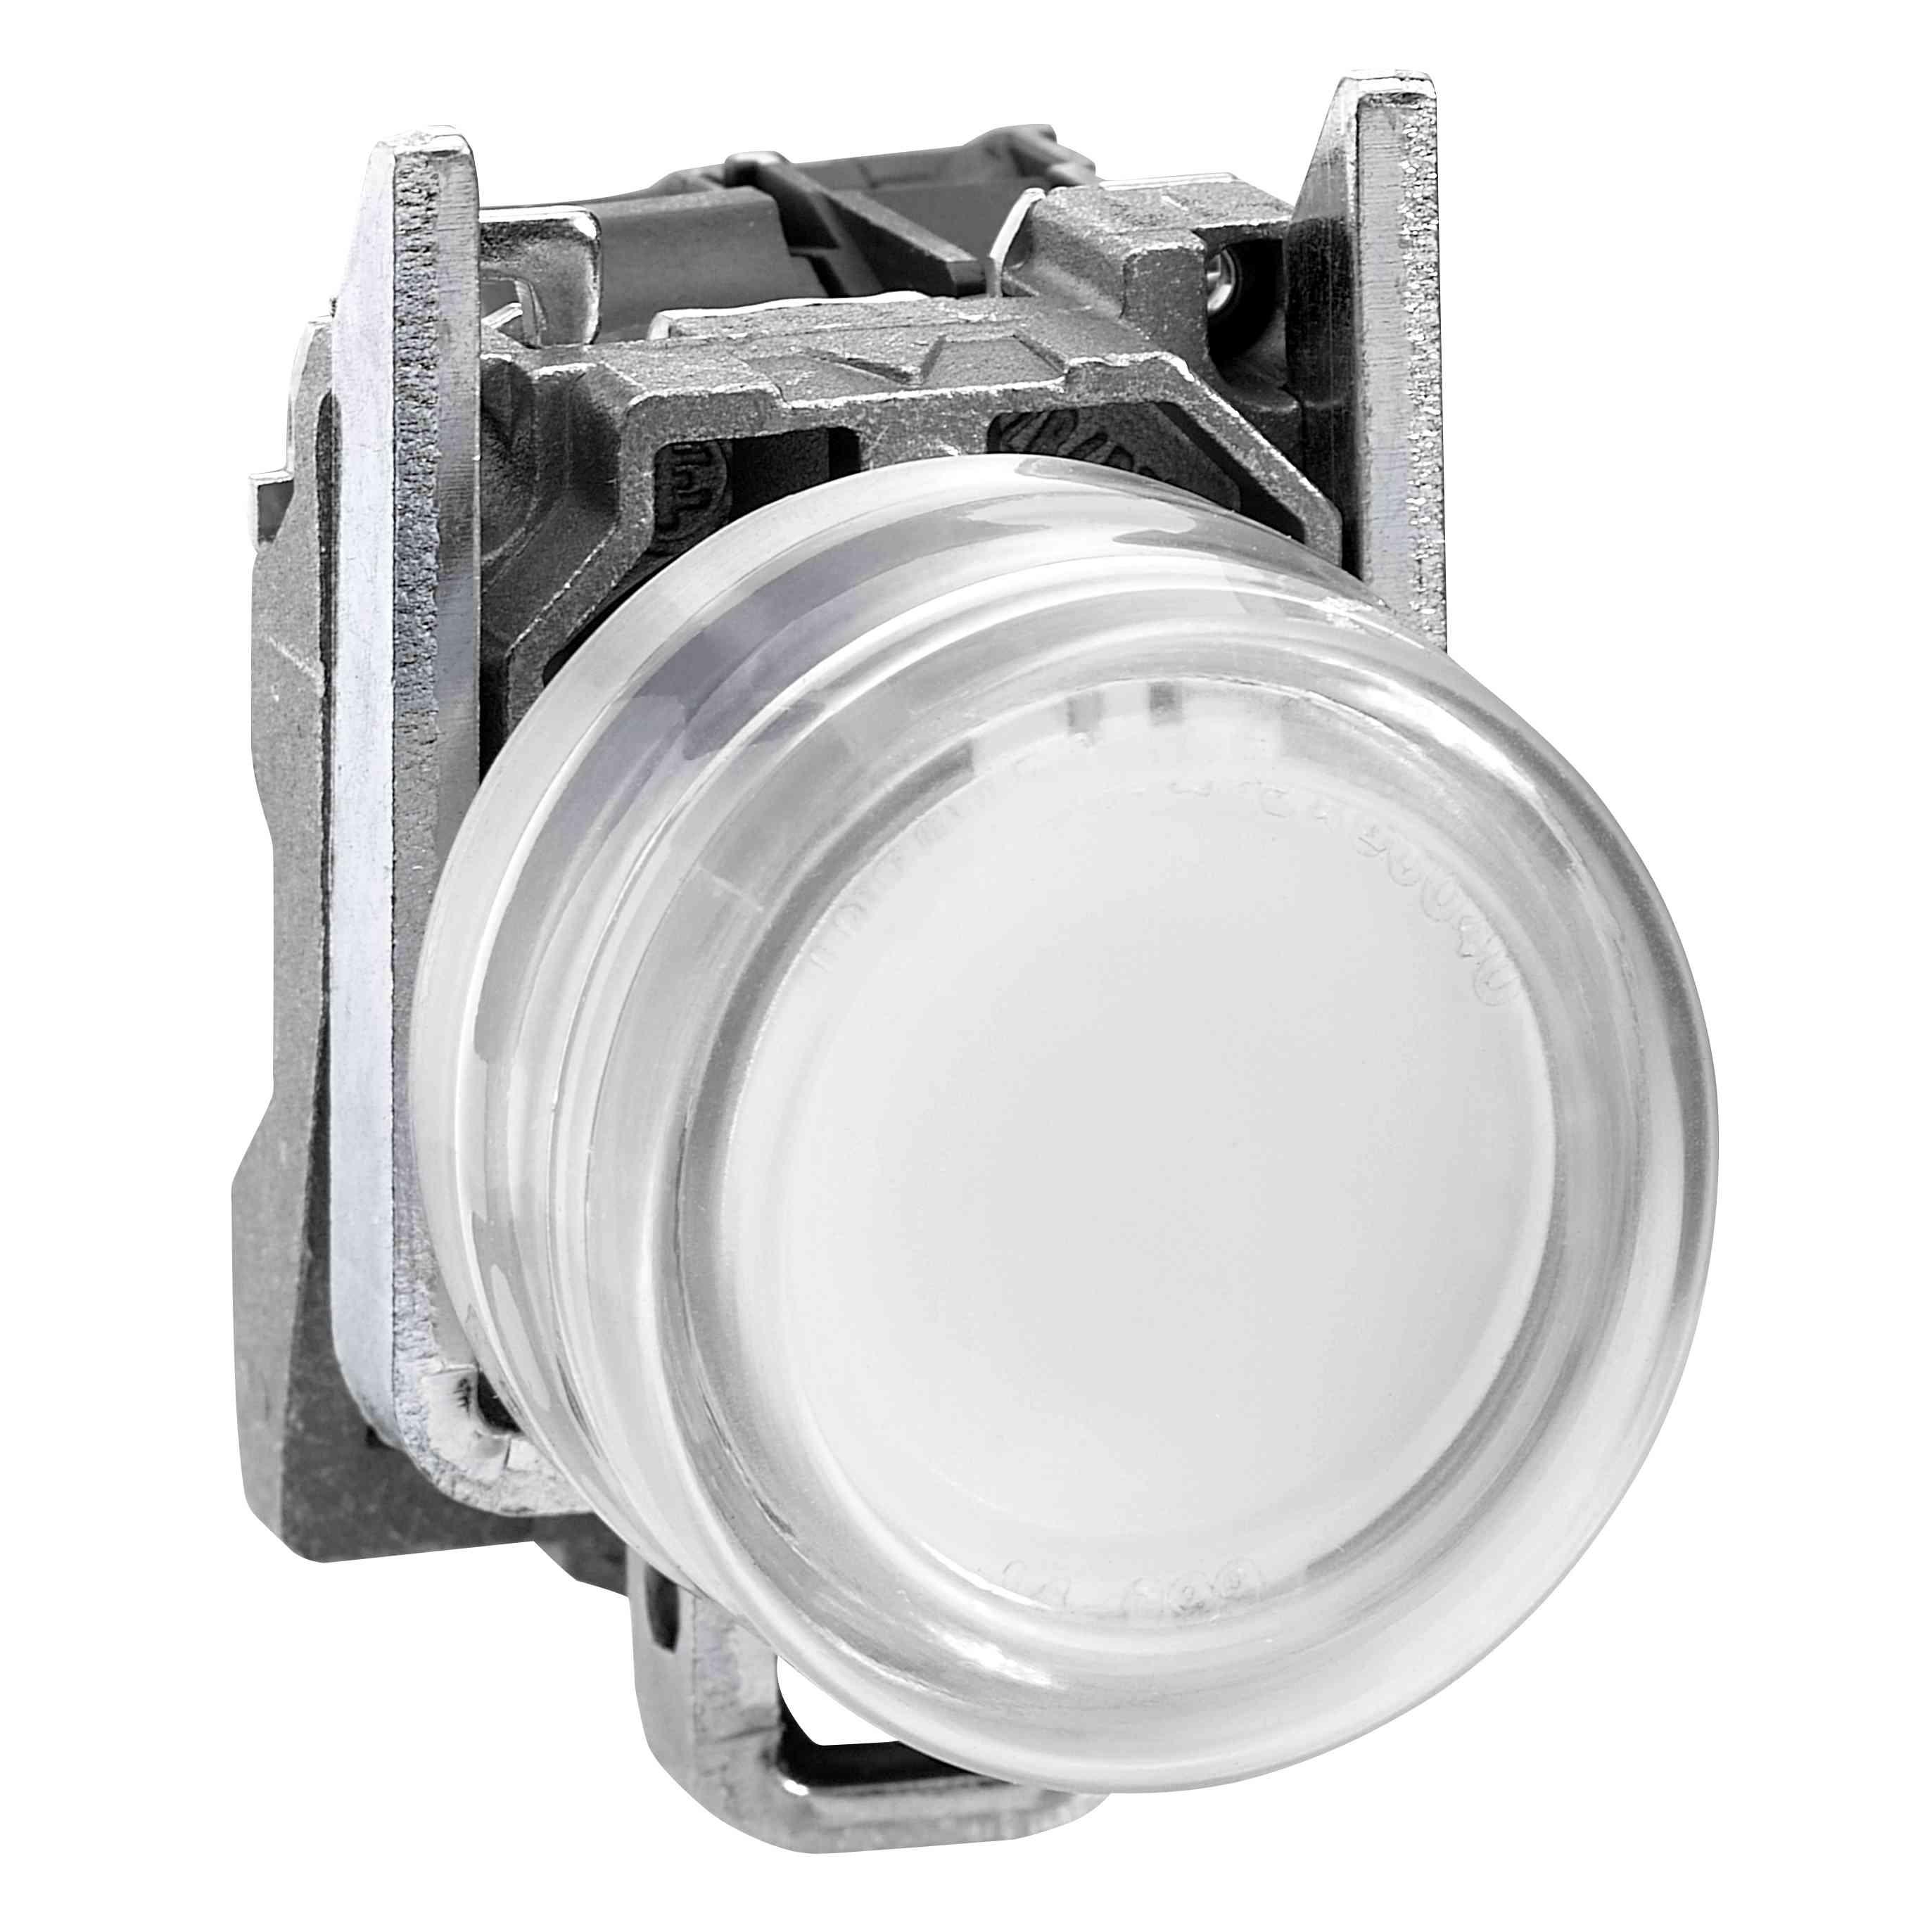 Bela osvetljena tip. - Ø 22 - 48 do 120 V - ATEX